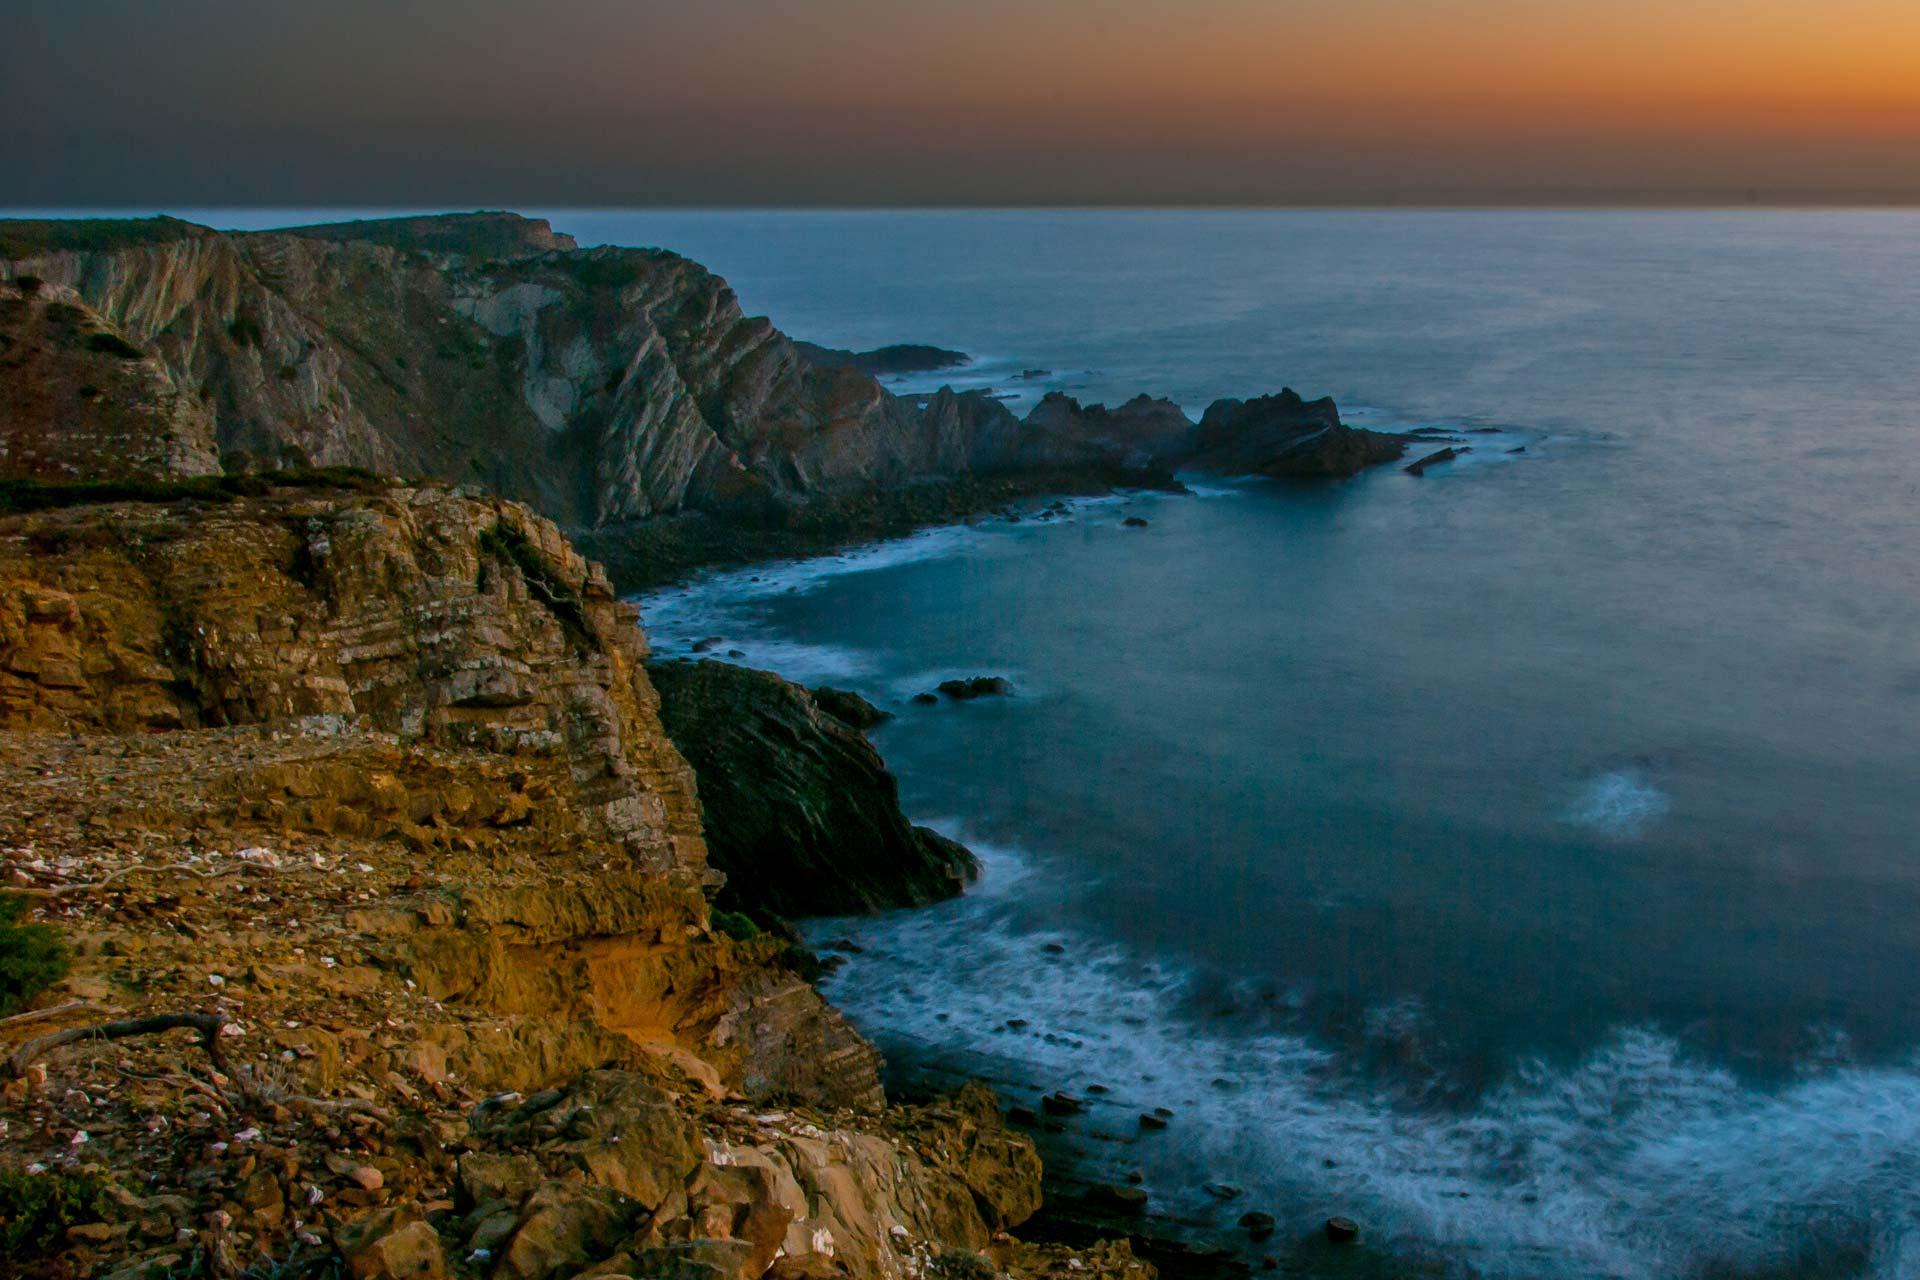 Landschaftsfotografie - Algarve Küste